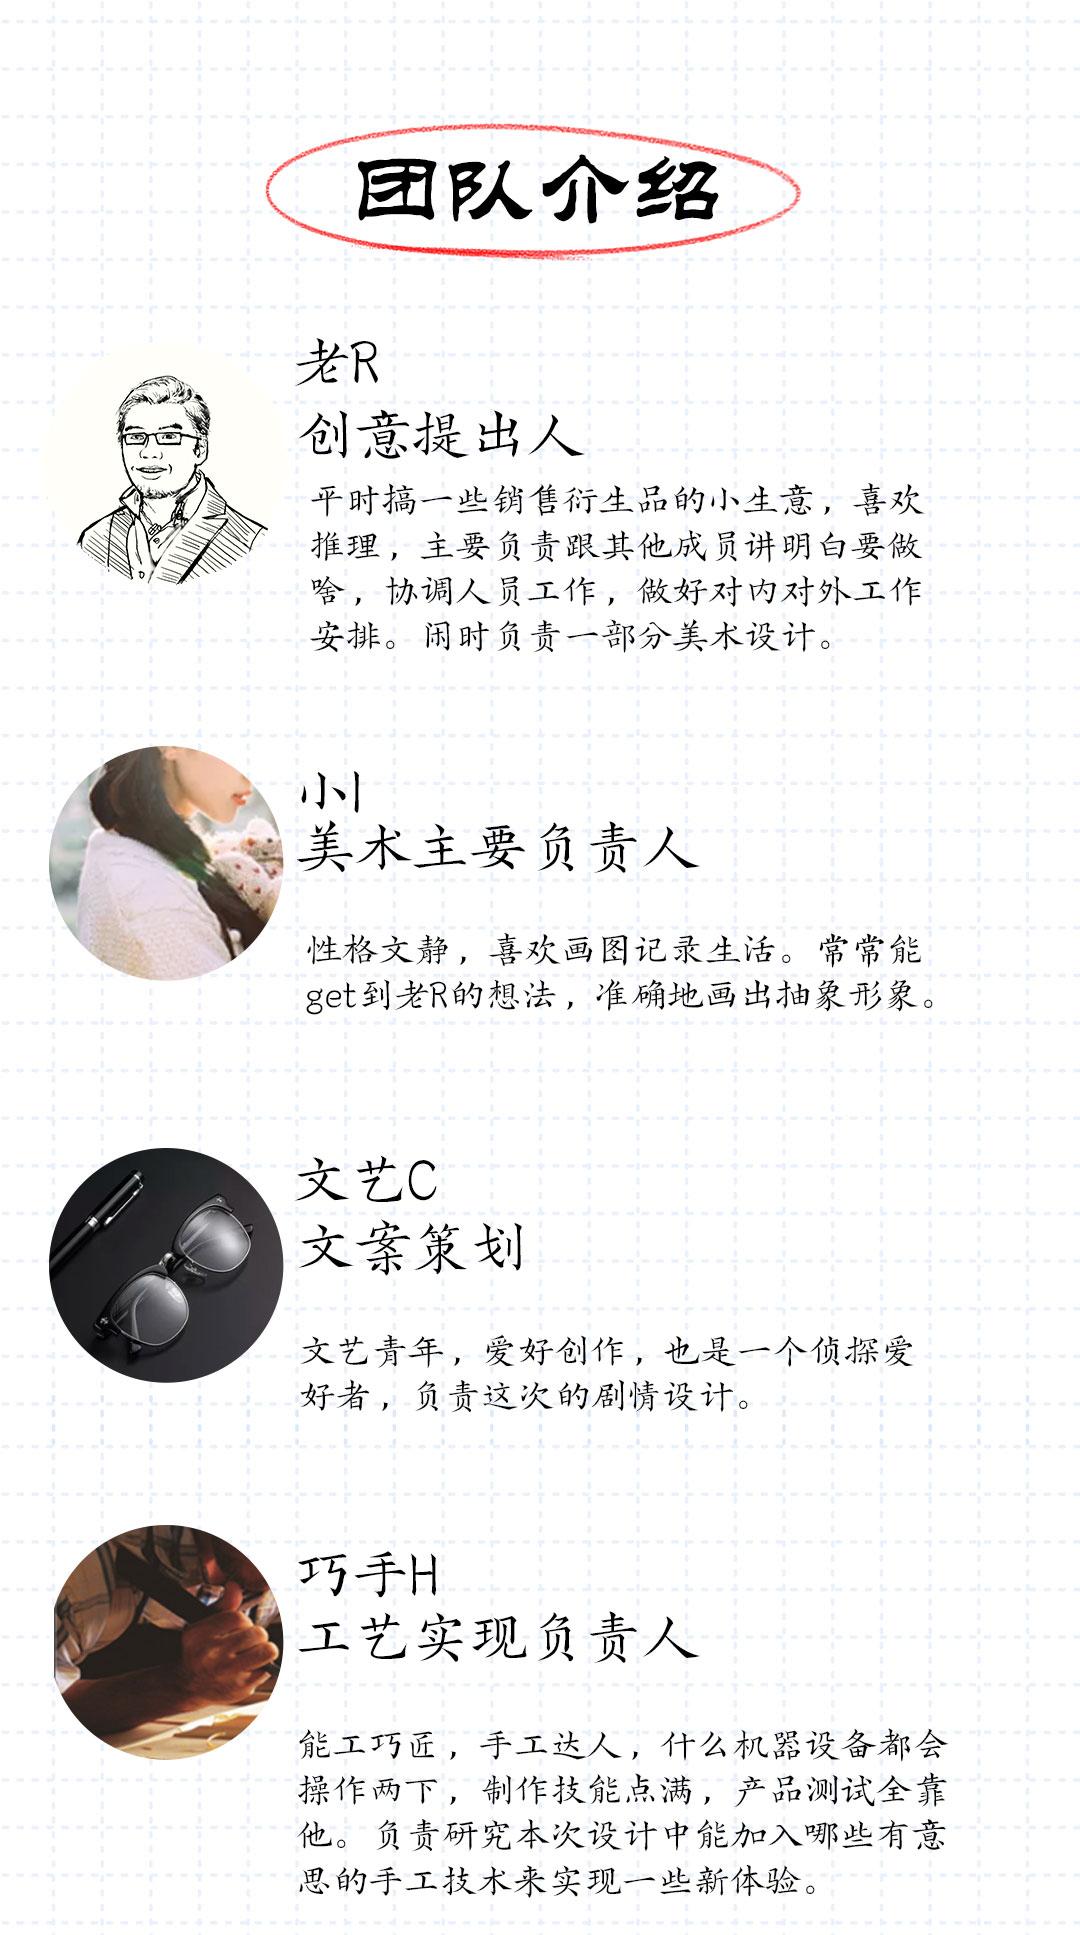 罗德启项目众筹页面团队介绍.jpg